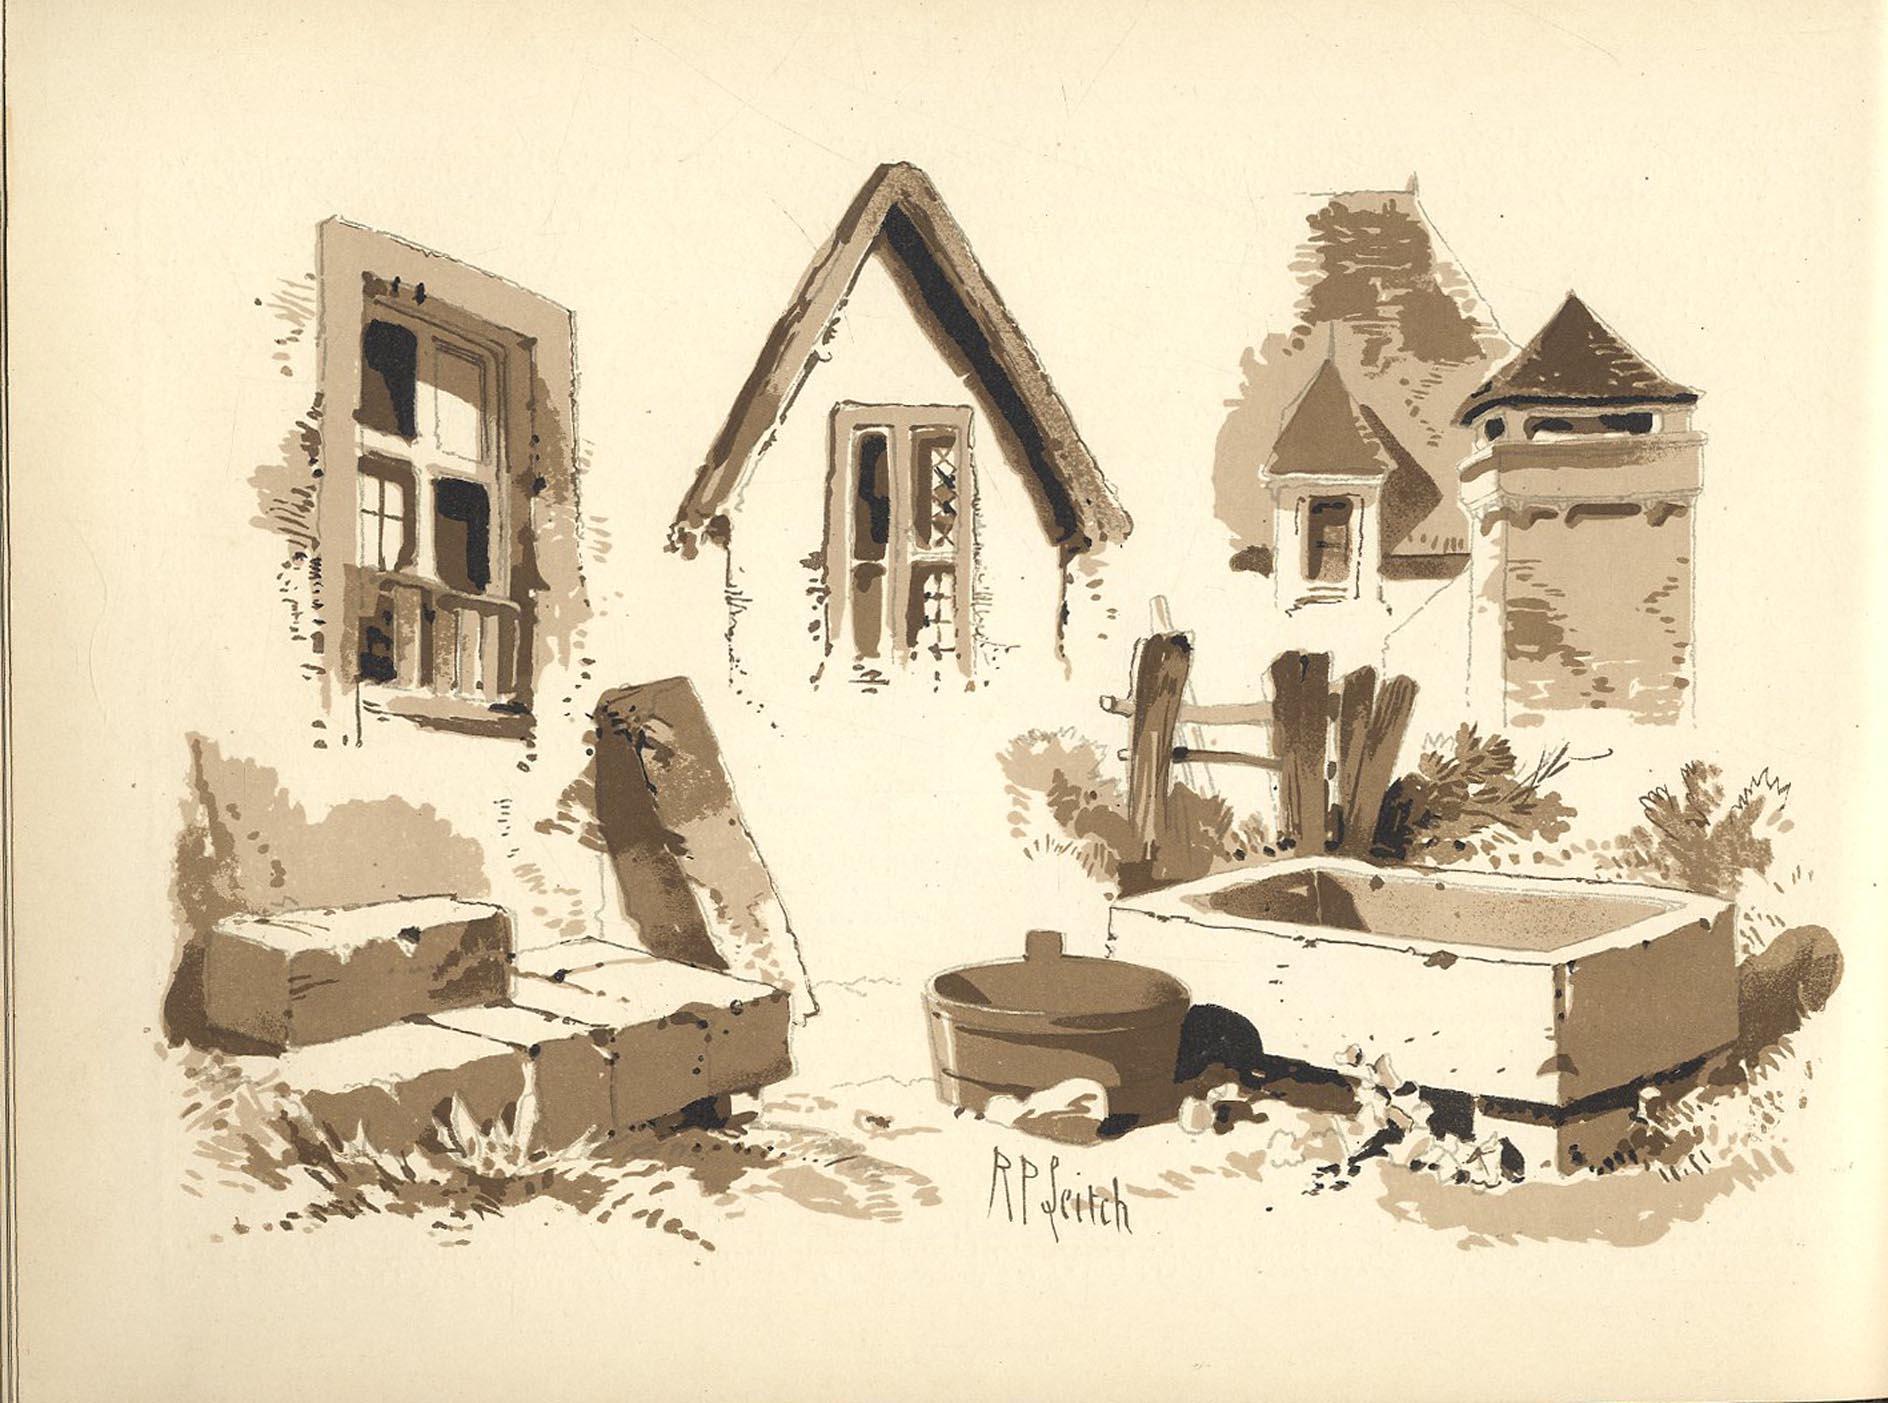 SH578.jpg (1888×1403)